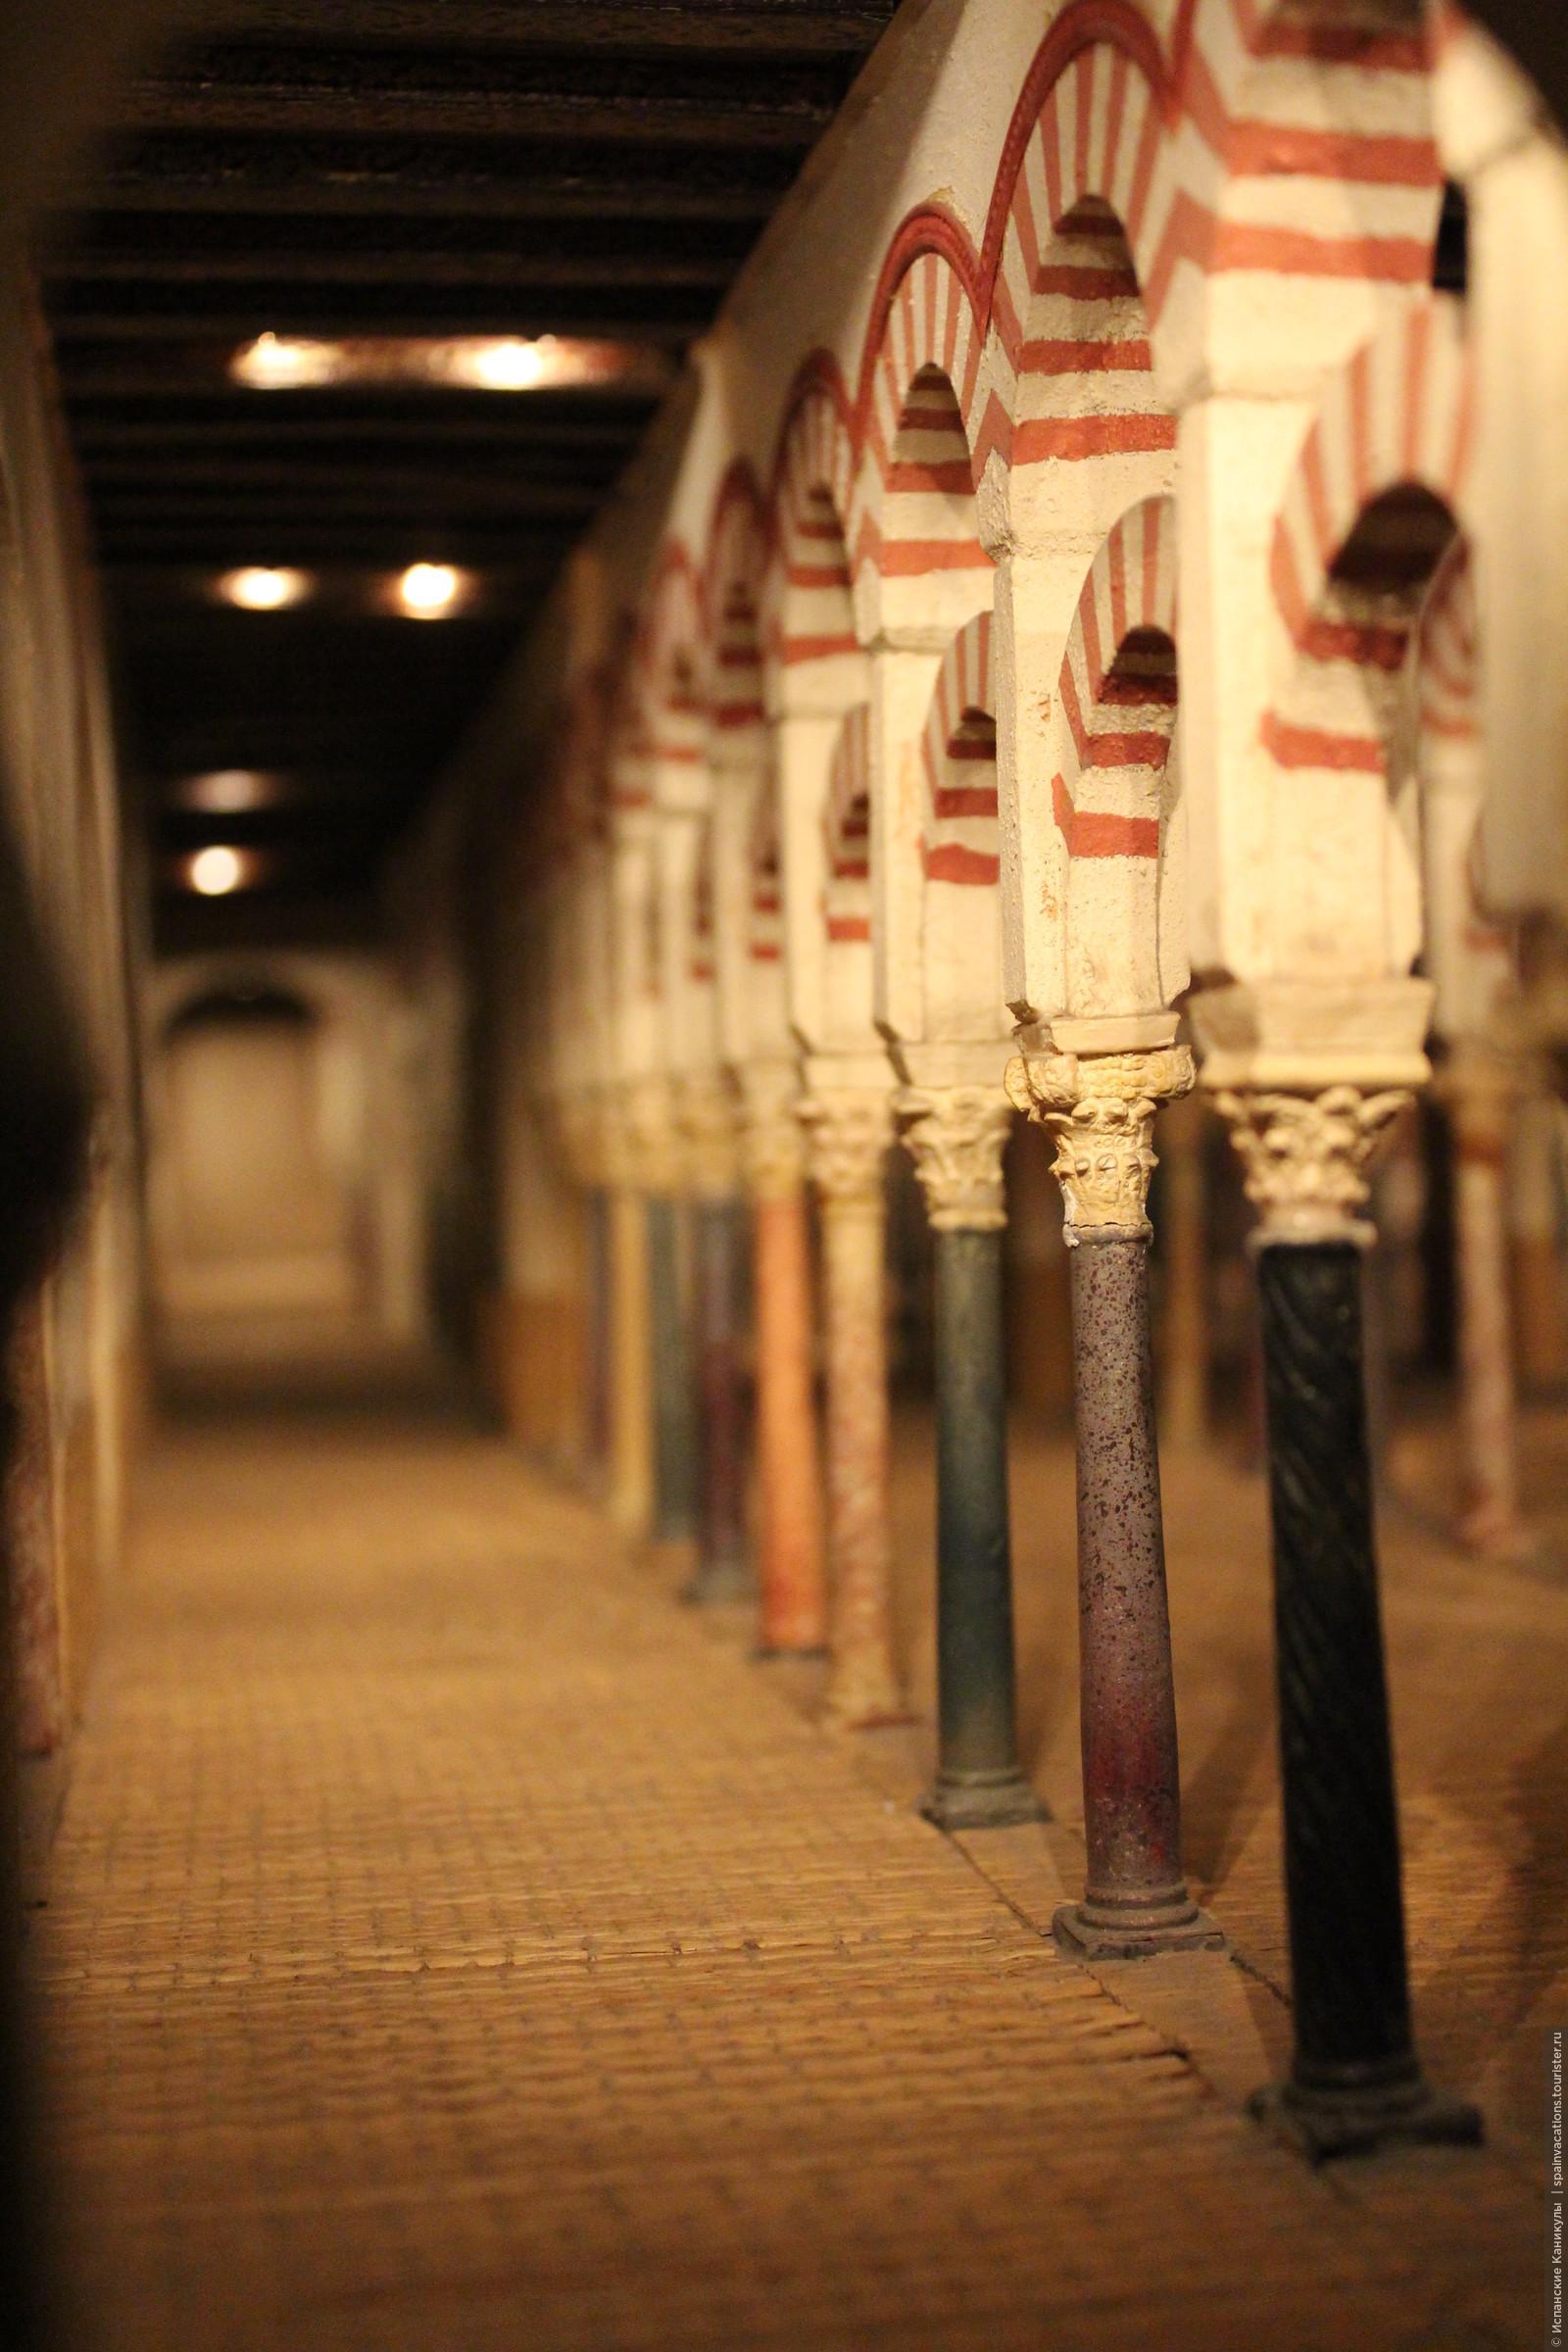 Это макет Кафедрального собора. Здесь хорошо видно, насколько разные колонны. В музее трех культур есть возможность внимательно, без мелькающих перед глазами туристов, рассмотреть все достопримечательности Кордобы и даже Гранады (в музее роскошный макет Альгамбры)., Кордова